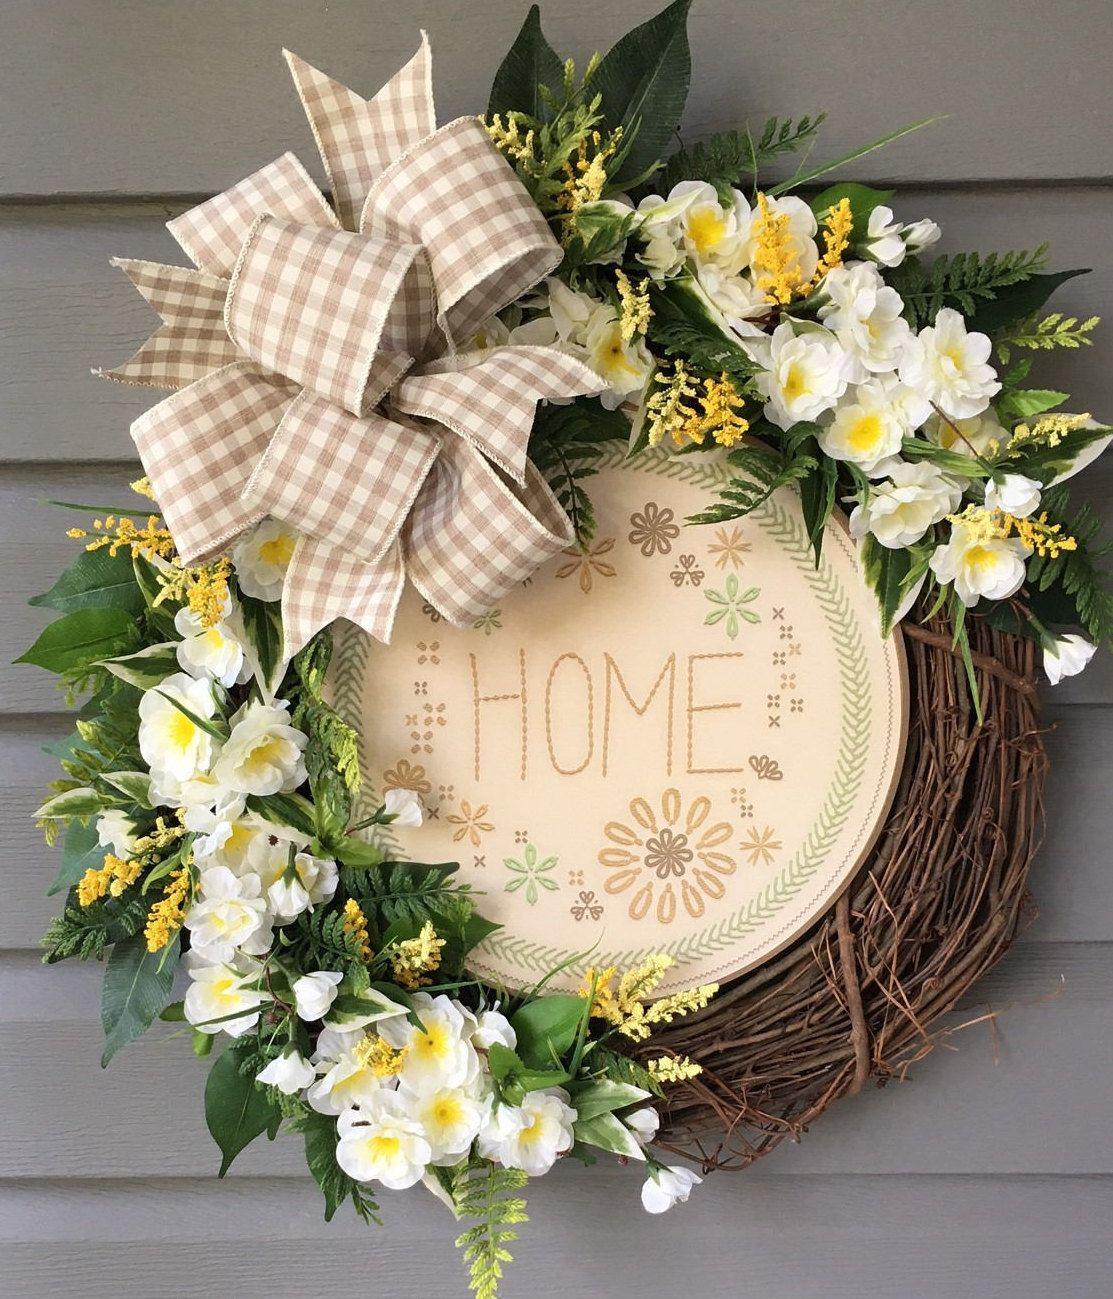 Front door decor for all seasons - Summer Wreath Year Round Wreath For Front Door All Season Wreath For Front Door